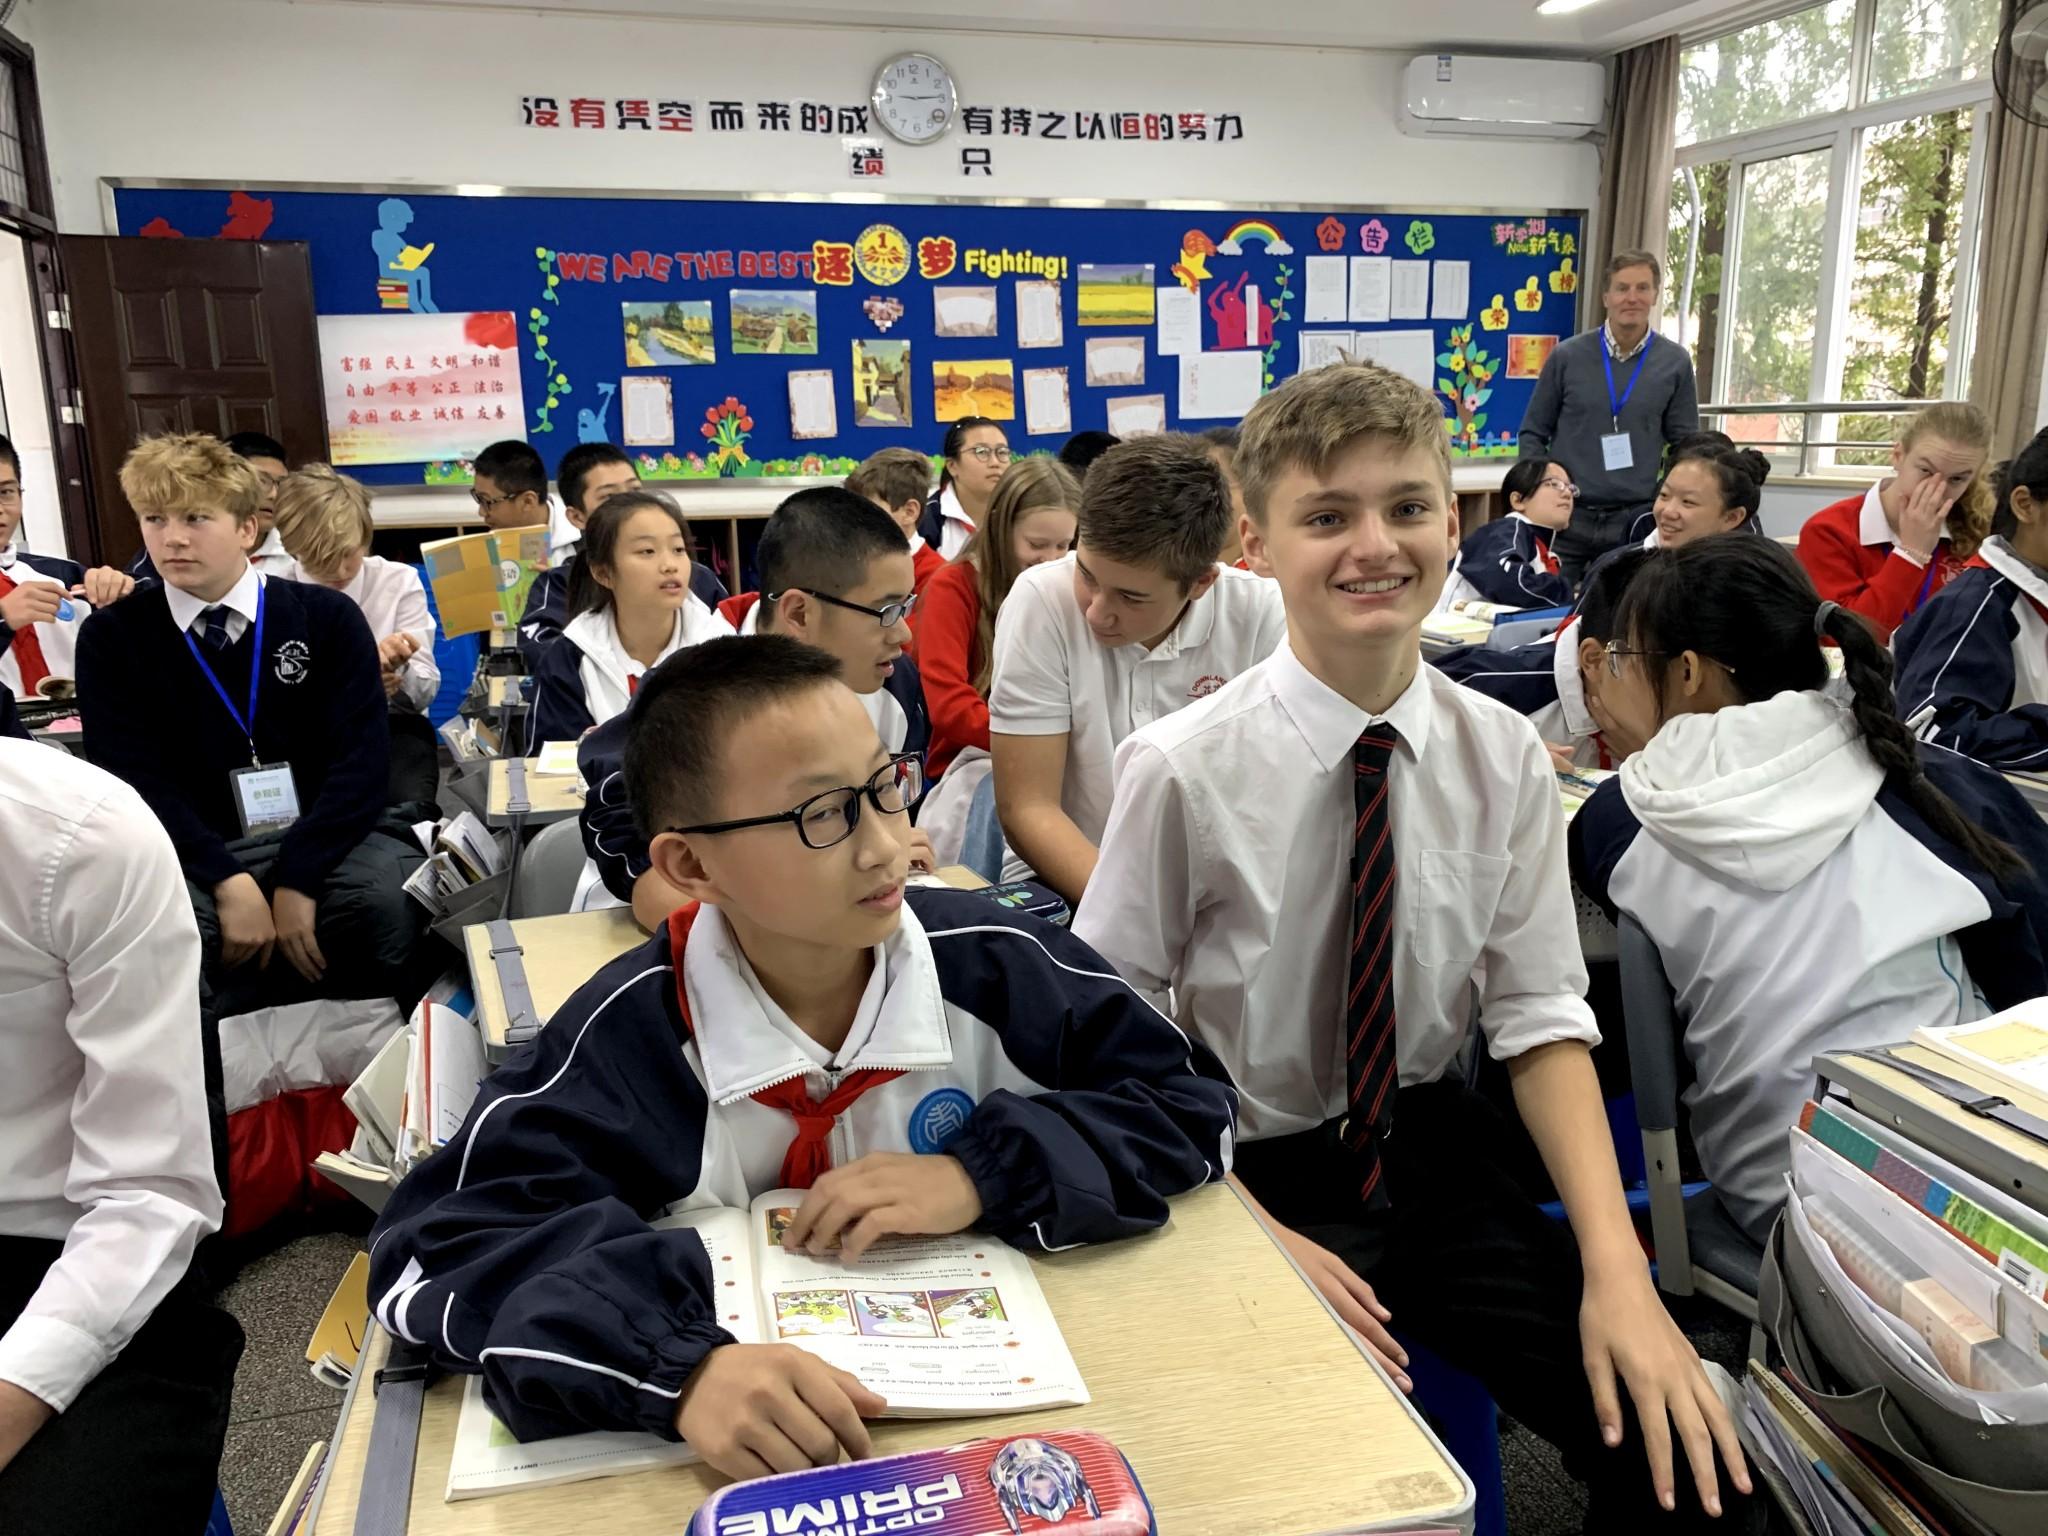 英文课English lesson